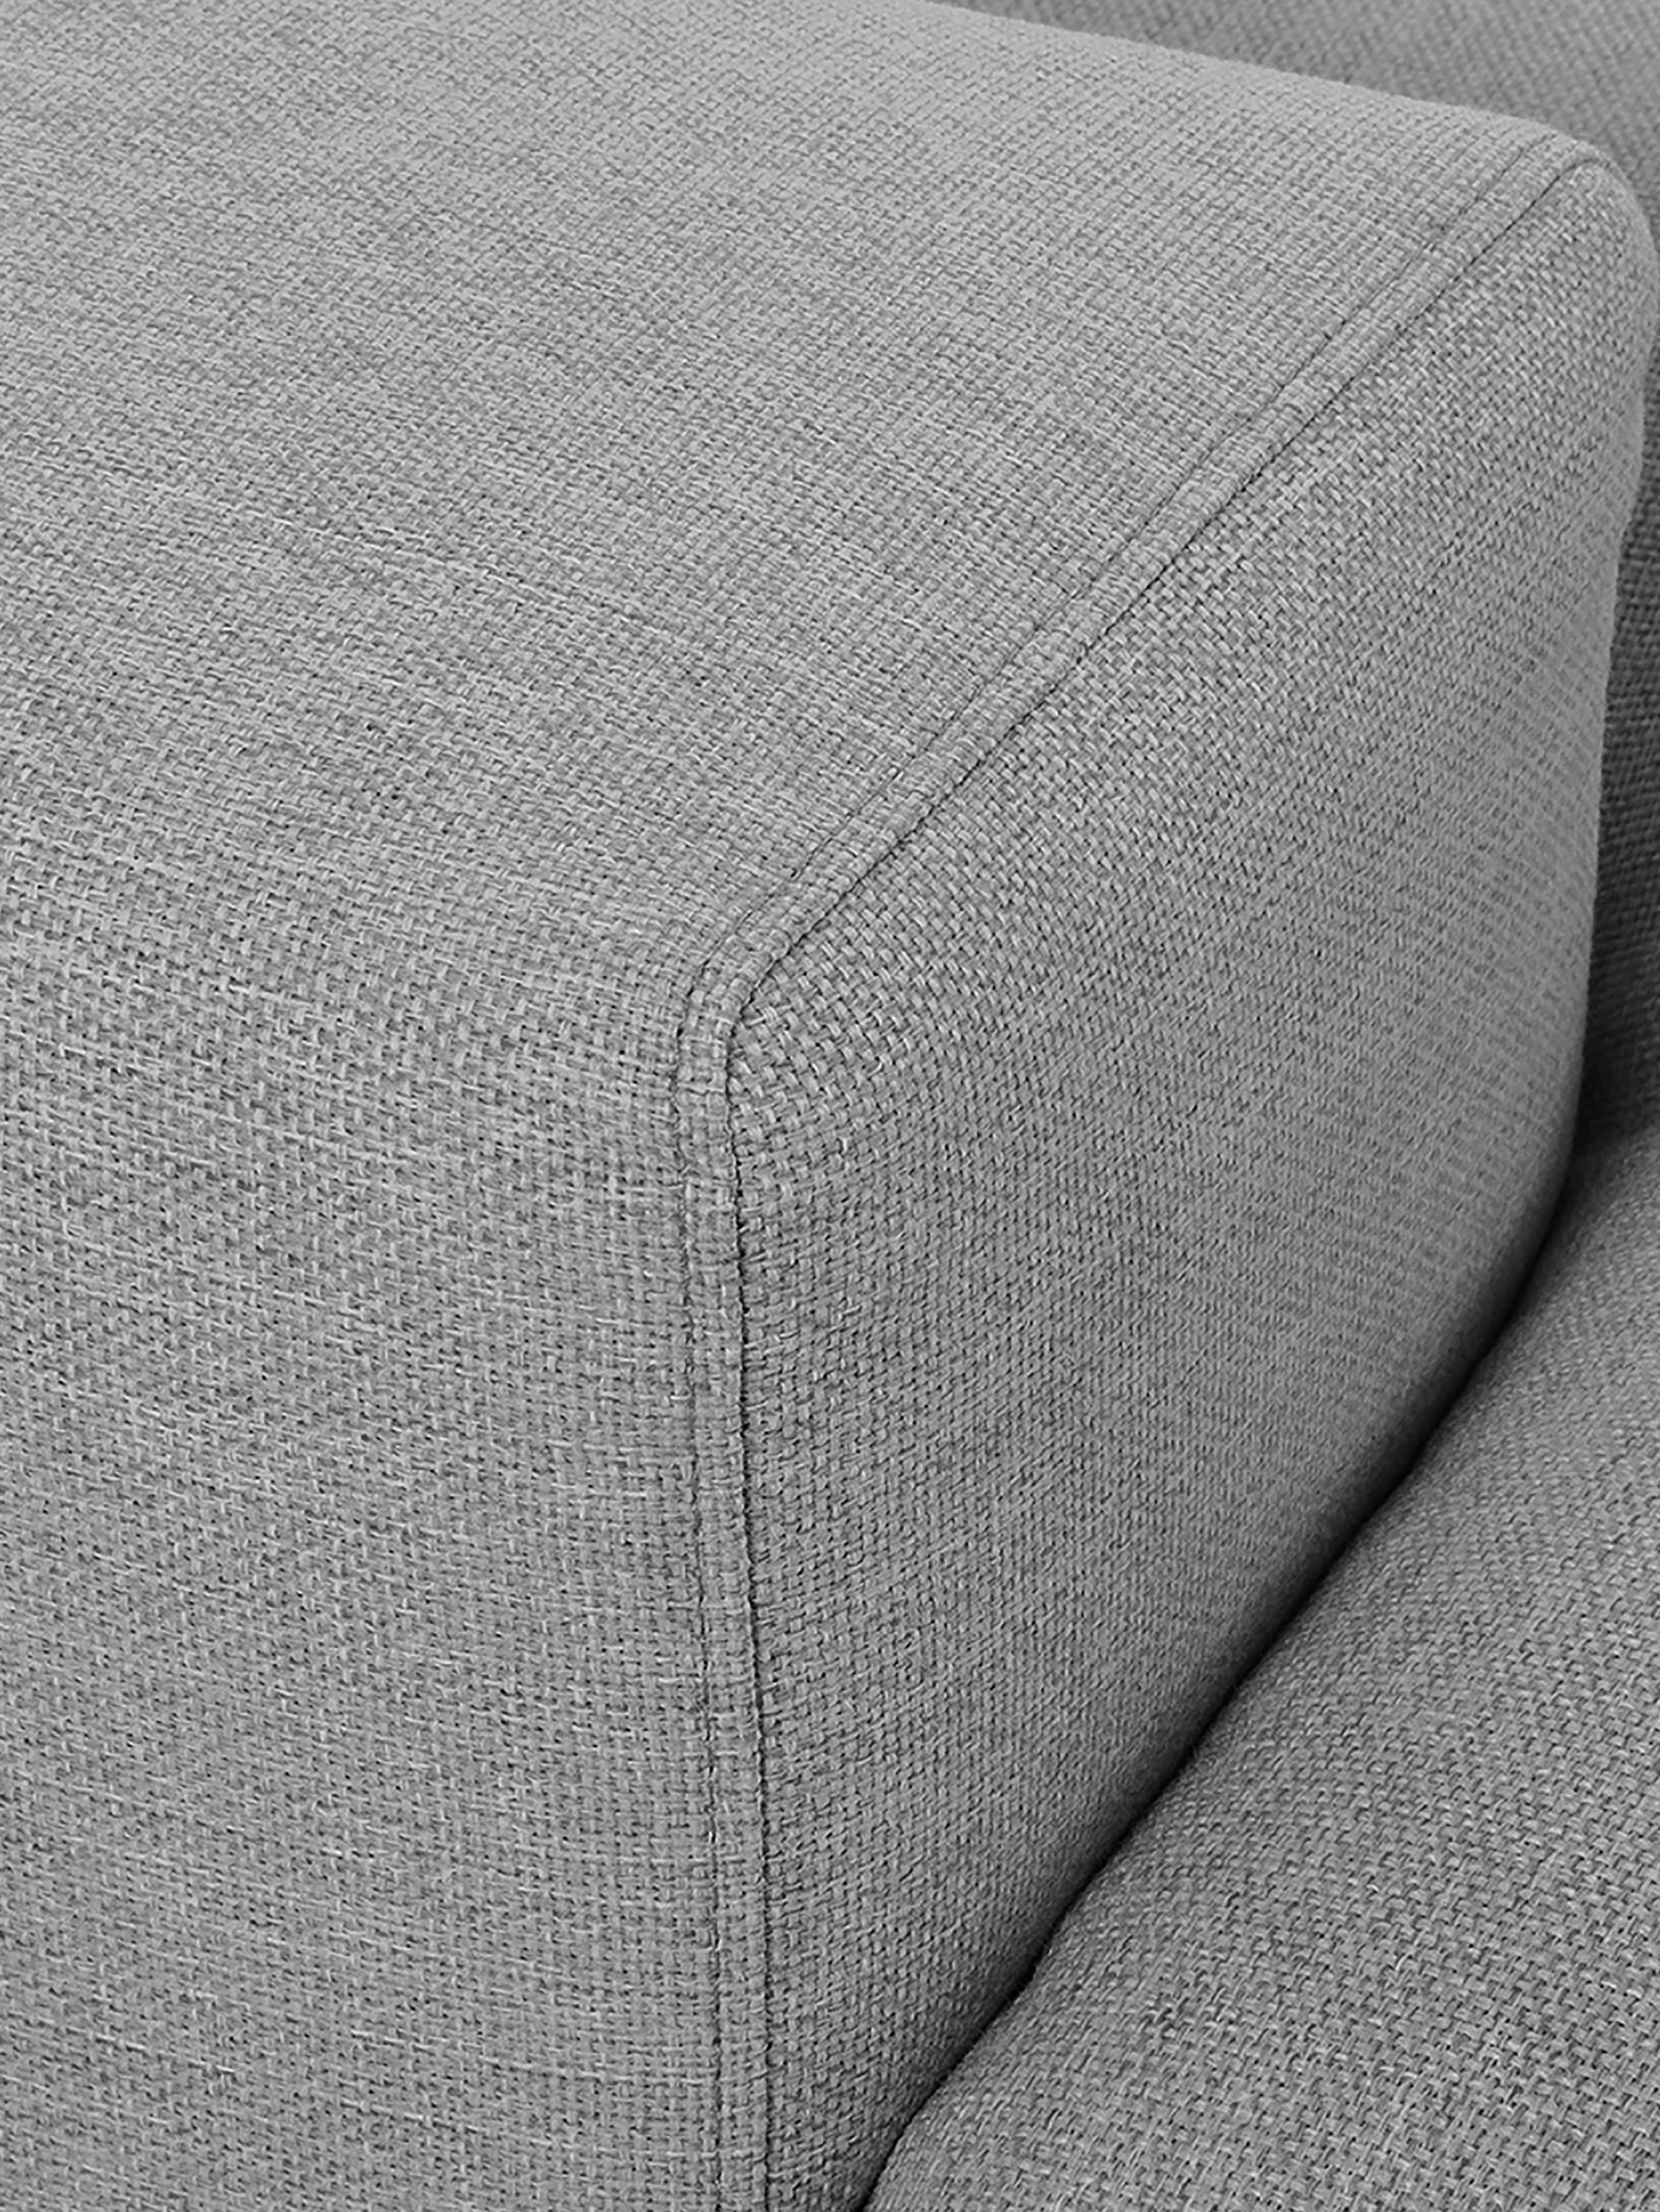 Ecksofa Brooks, Bezug: Polyester 35.000 Scheuert, Gestell: Kiefernholz, massiv, Rahmen: Kiefernholz, lackiert, Füße: Metall, pulverbeschichtet, Webstoff Grau, B 315 x T 148 cm